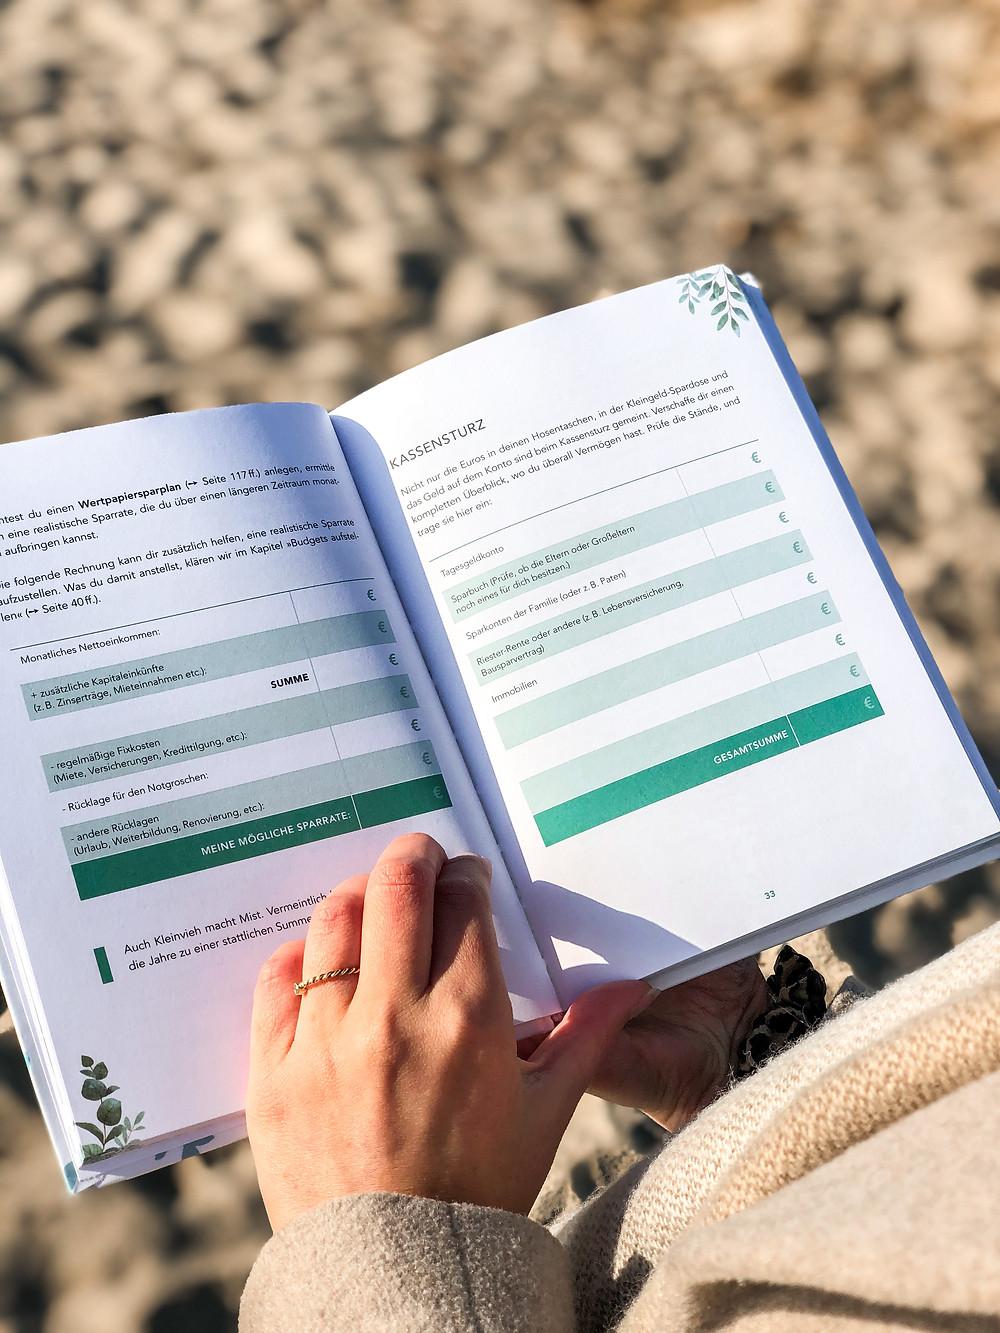 Der Finanzheldinnen-Planer zeigt anhand vieler Checklisten und einfacher Beispiele, wie jede Frau es schaffen kann, ihre eigenen Finanzen in die Hand zu nehmen.